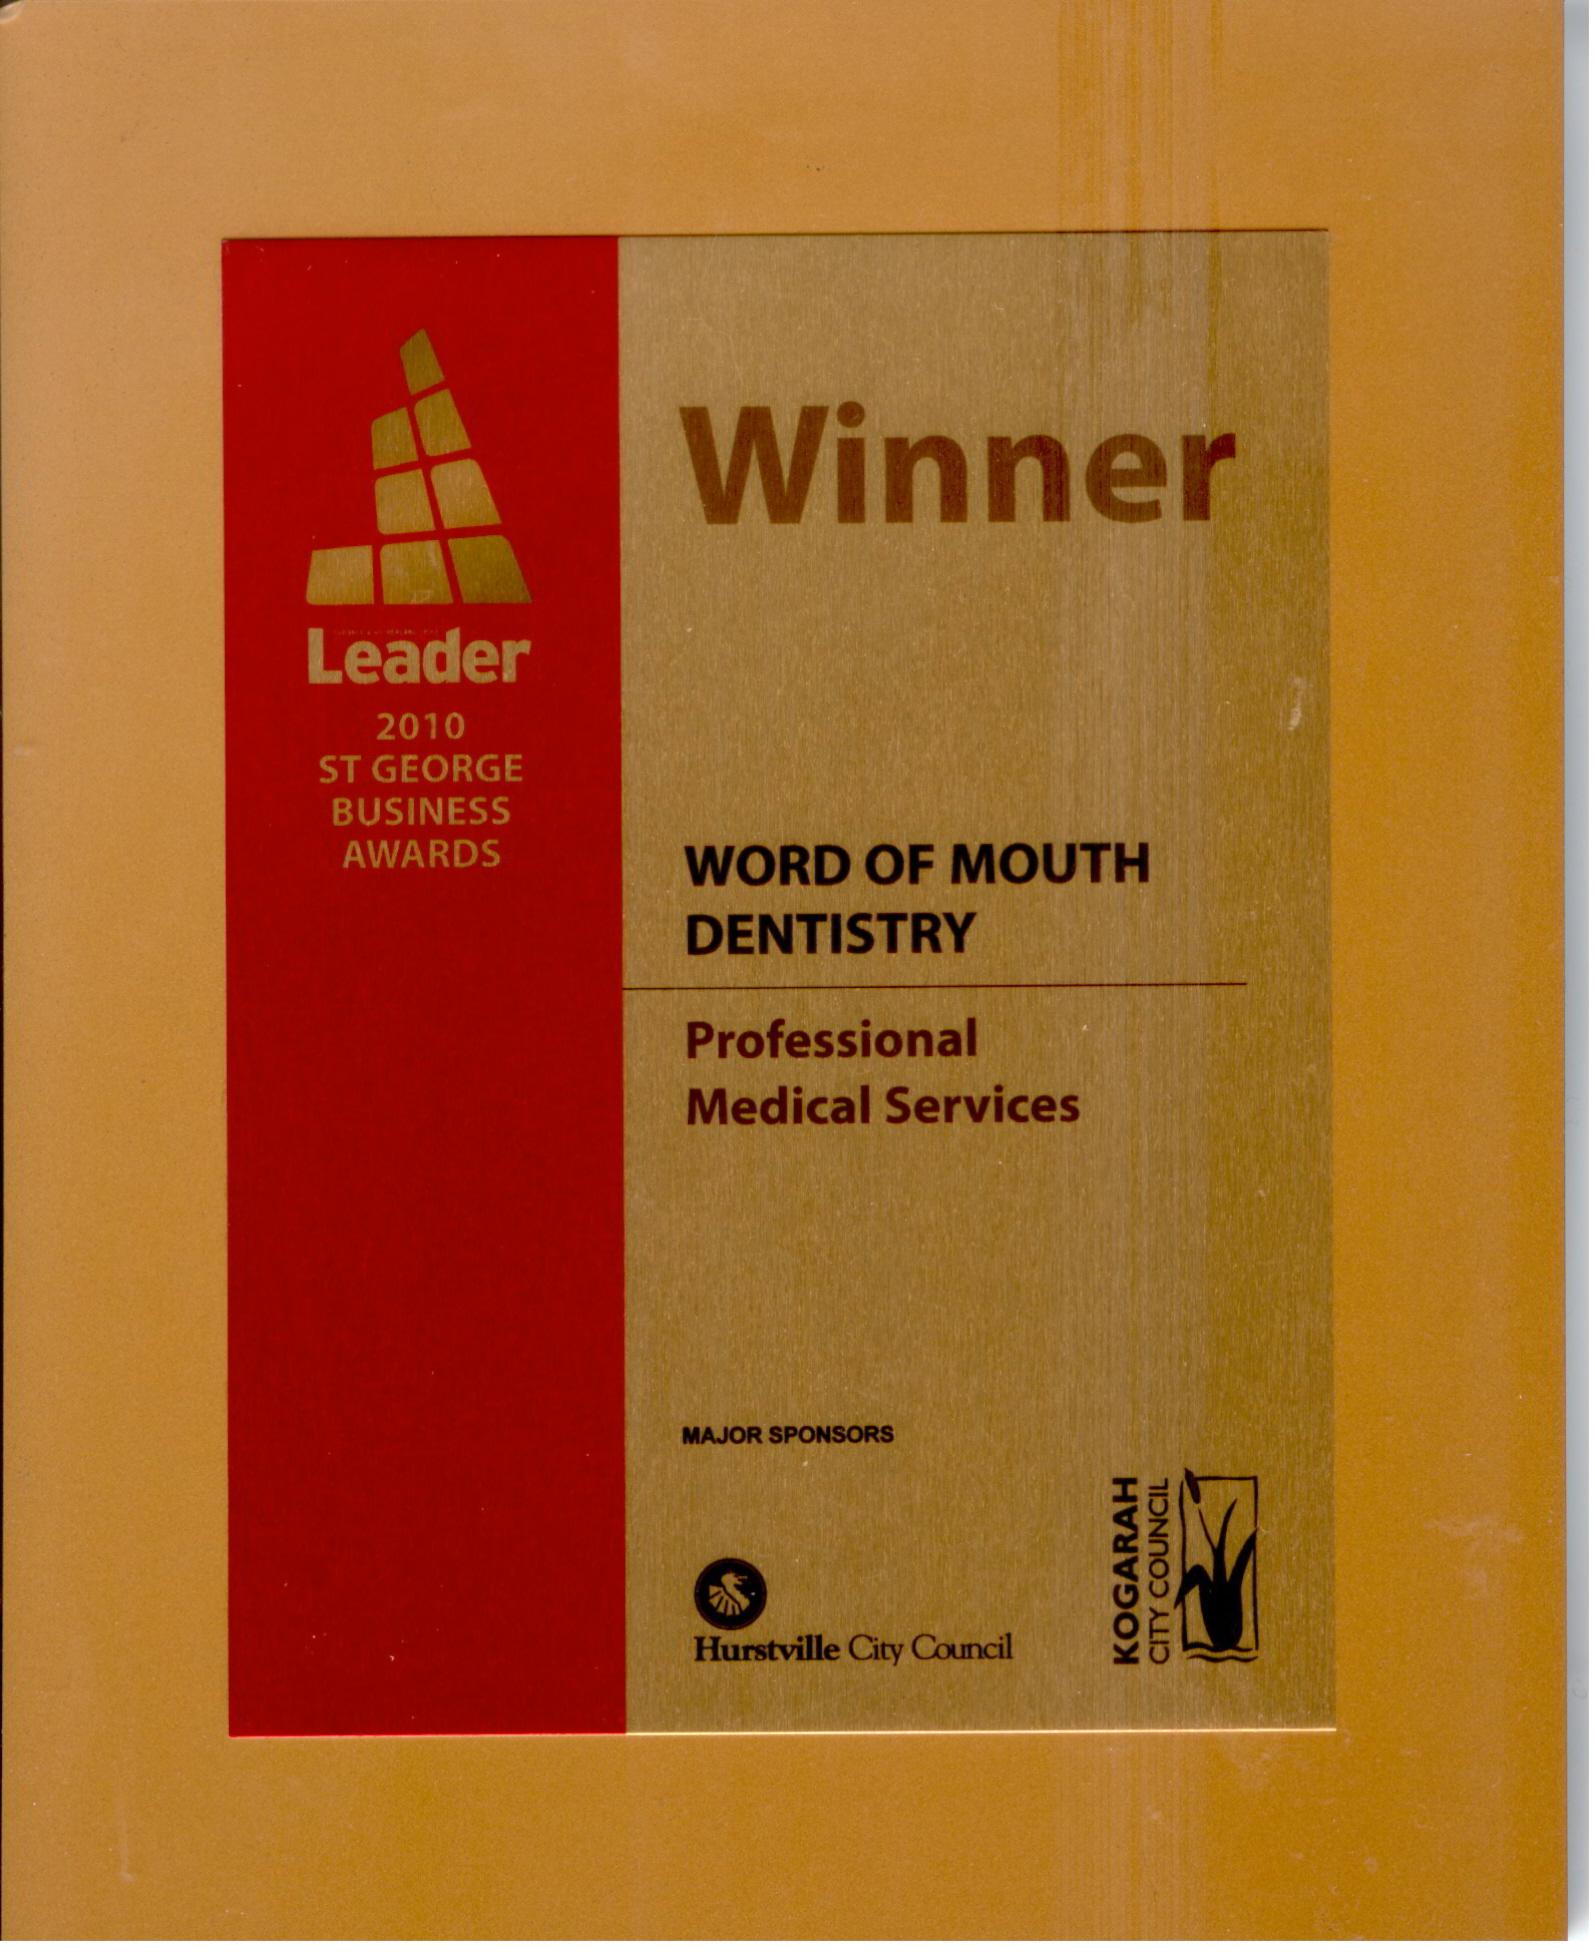 2010 Local Award